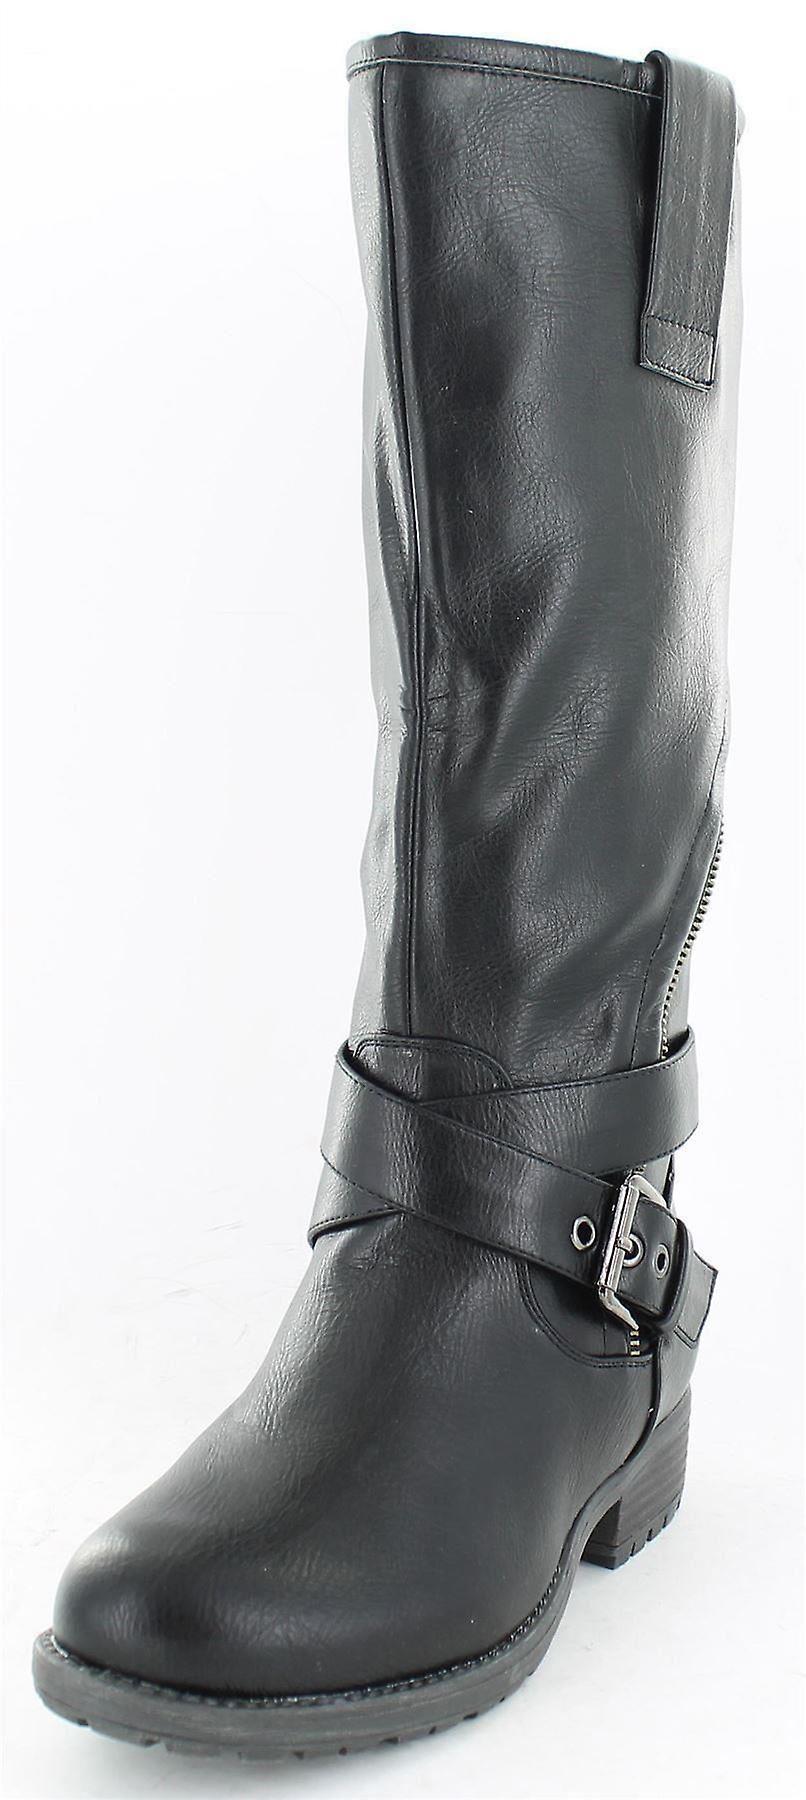 Miejscu panie na asymetryczne Zip Biker stylu buty czarny rozmiar 8 aLVEu